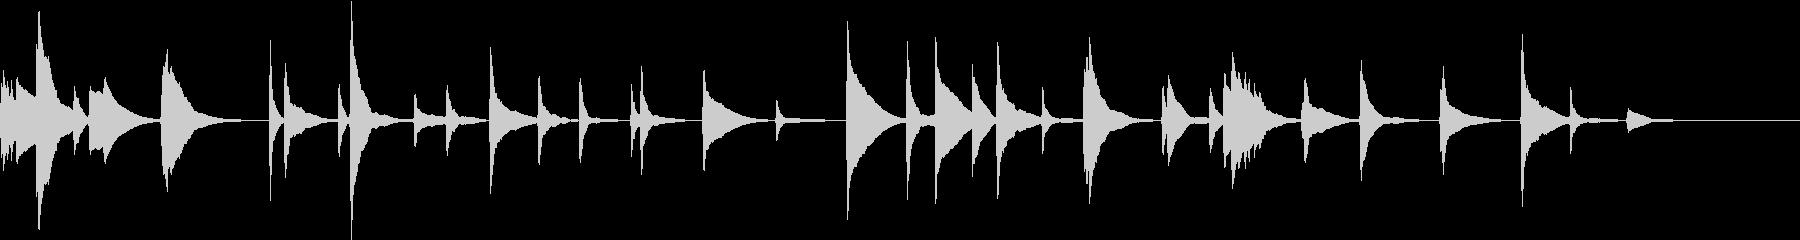 琴の和風の曲 渋め 正月の感じの未再生の波形